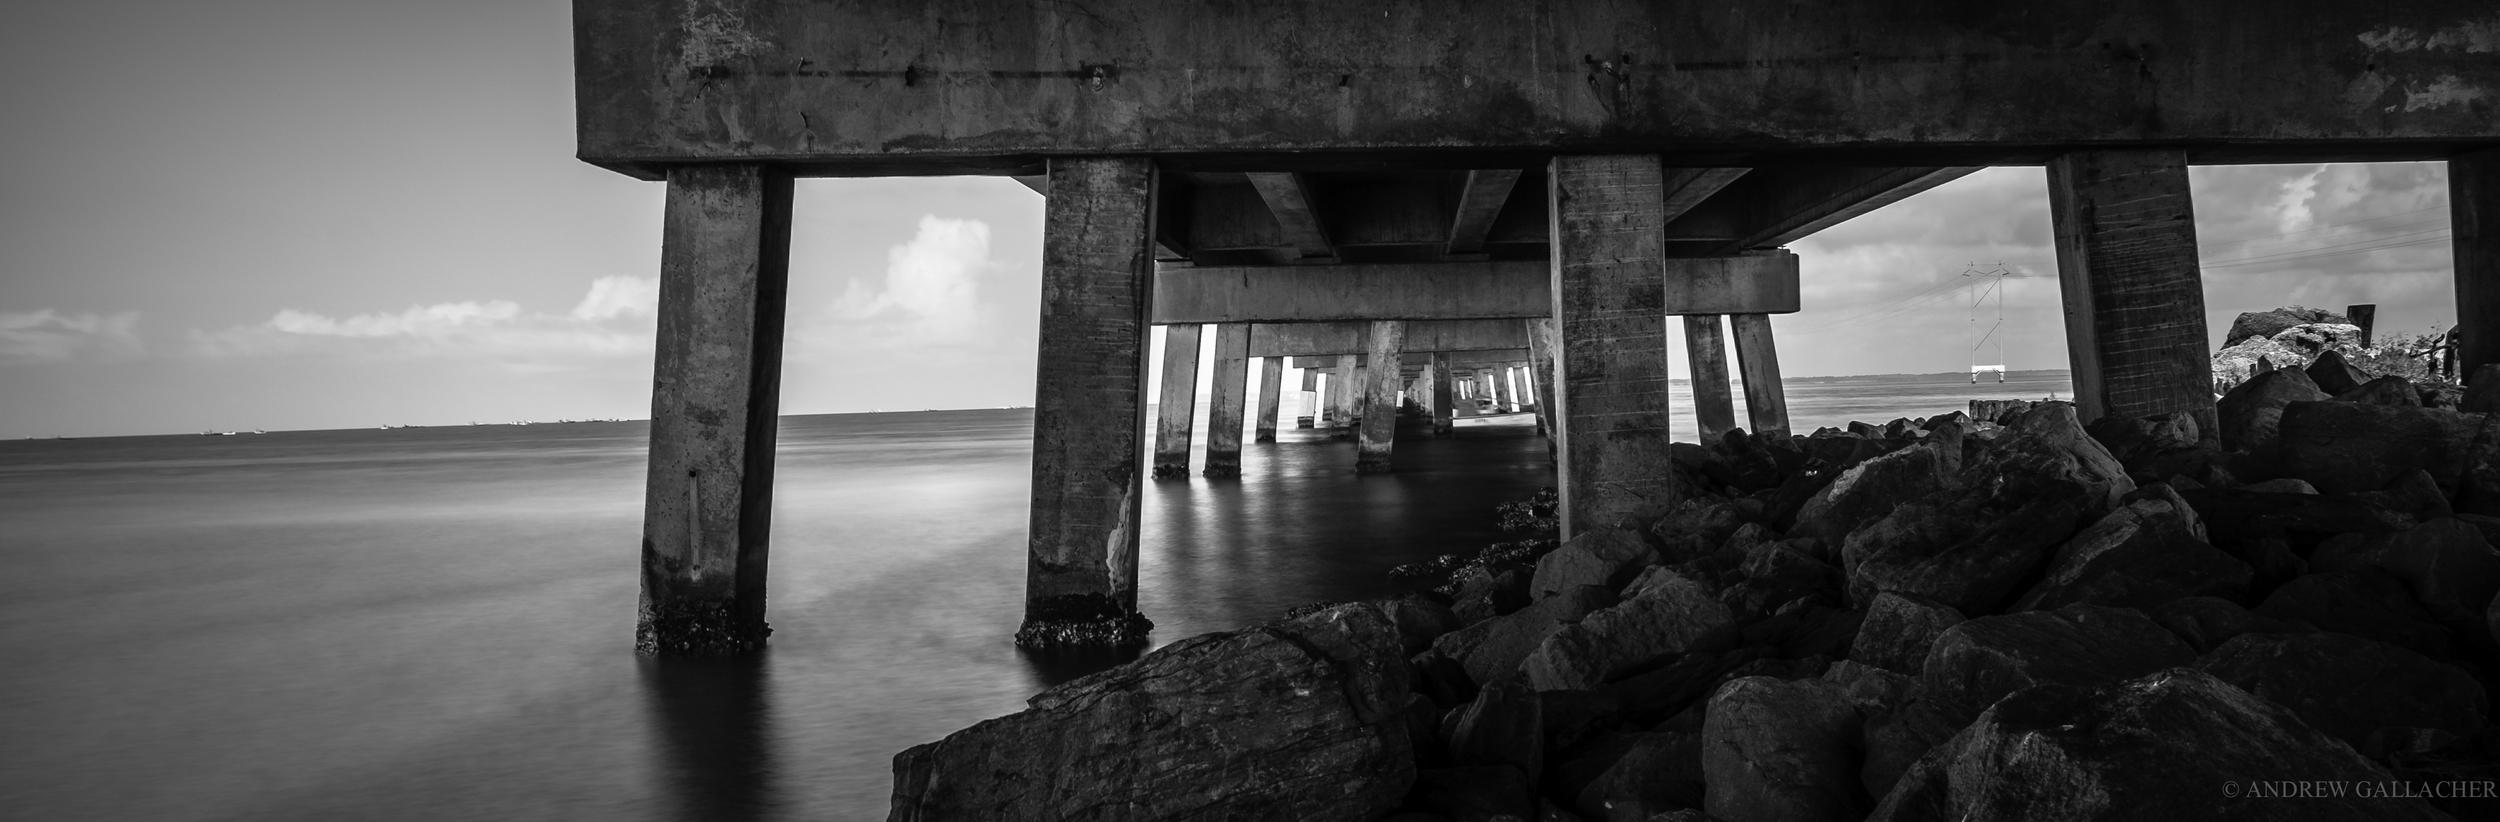 Under the bridge, Florida